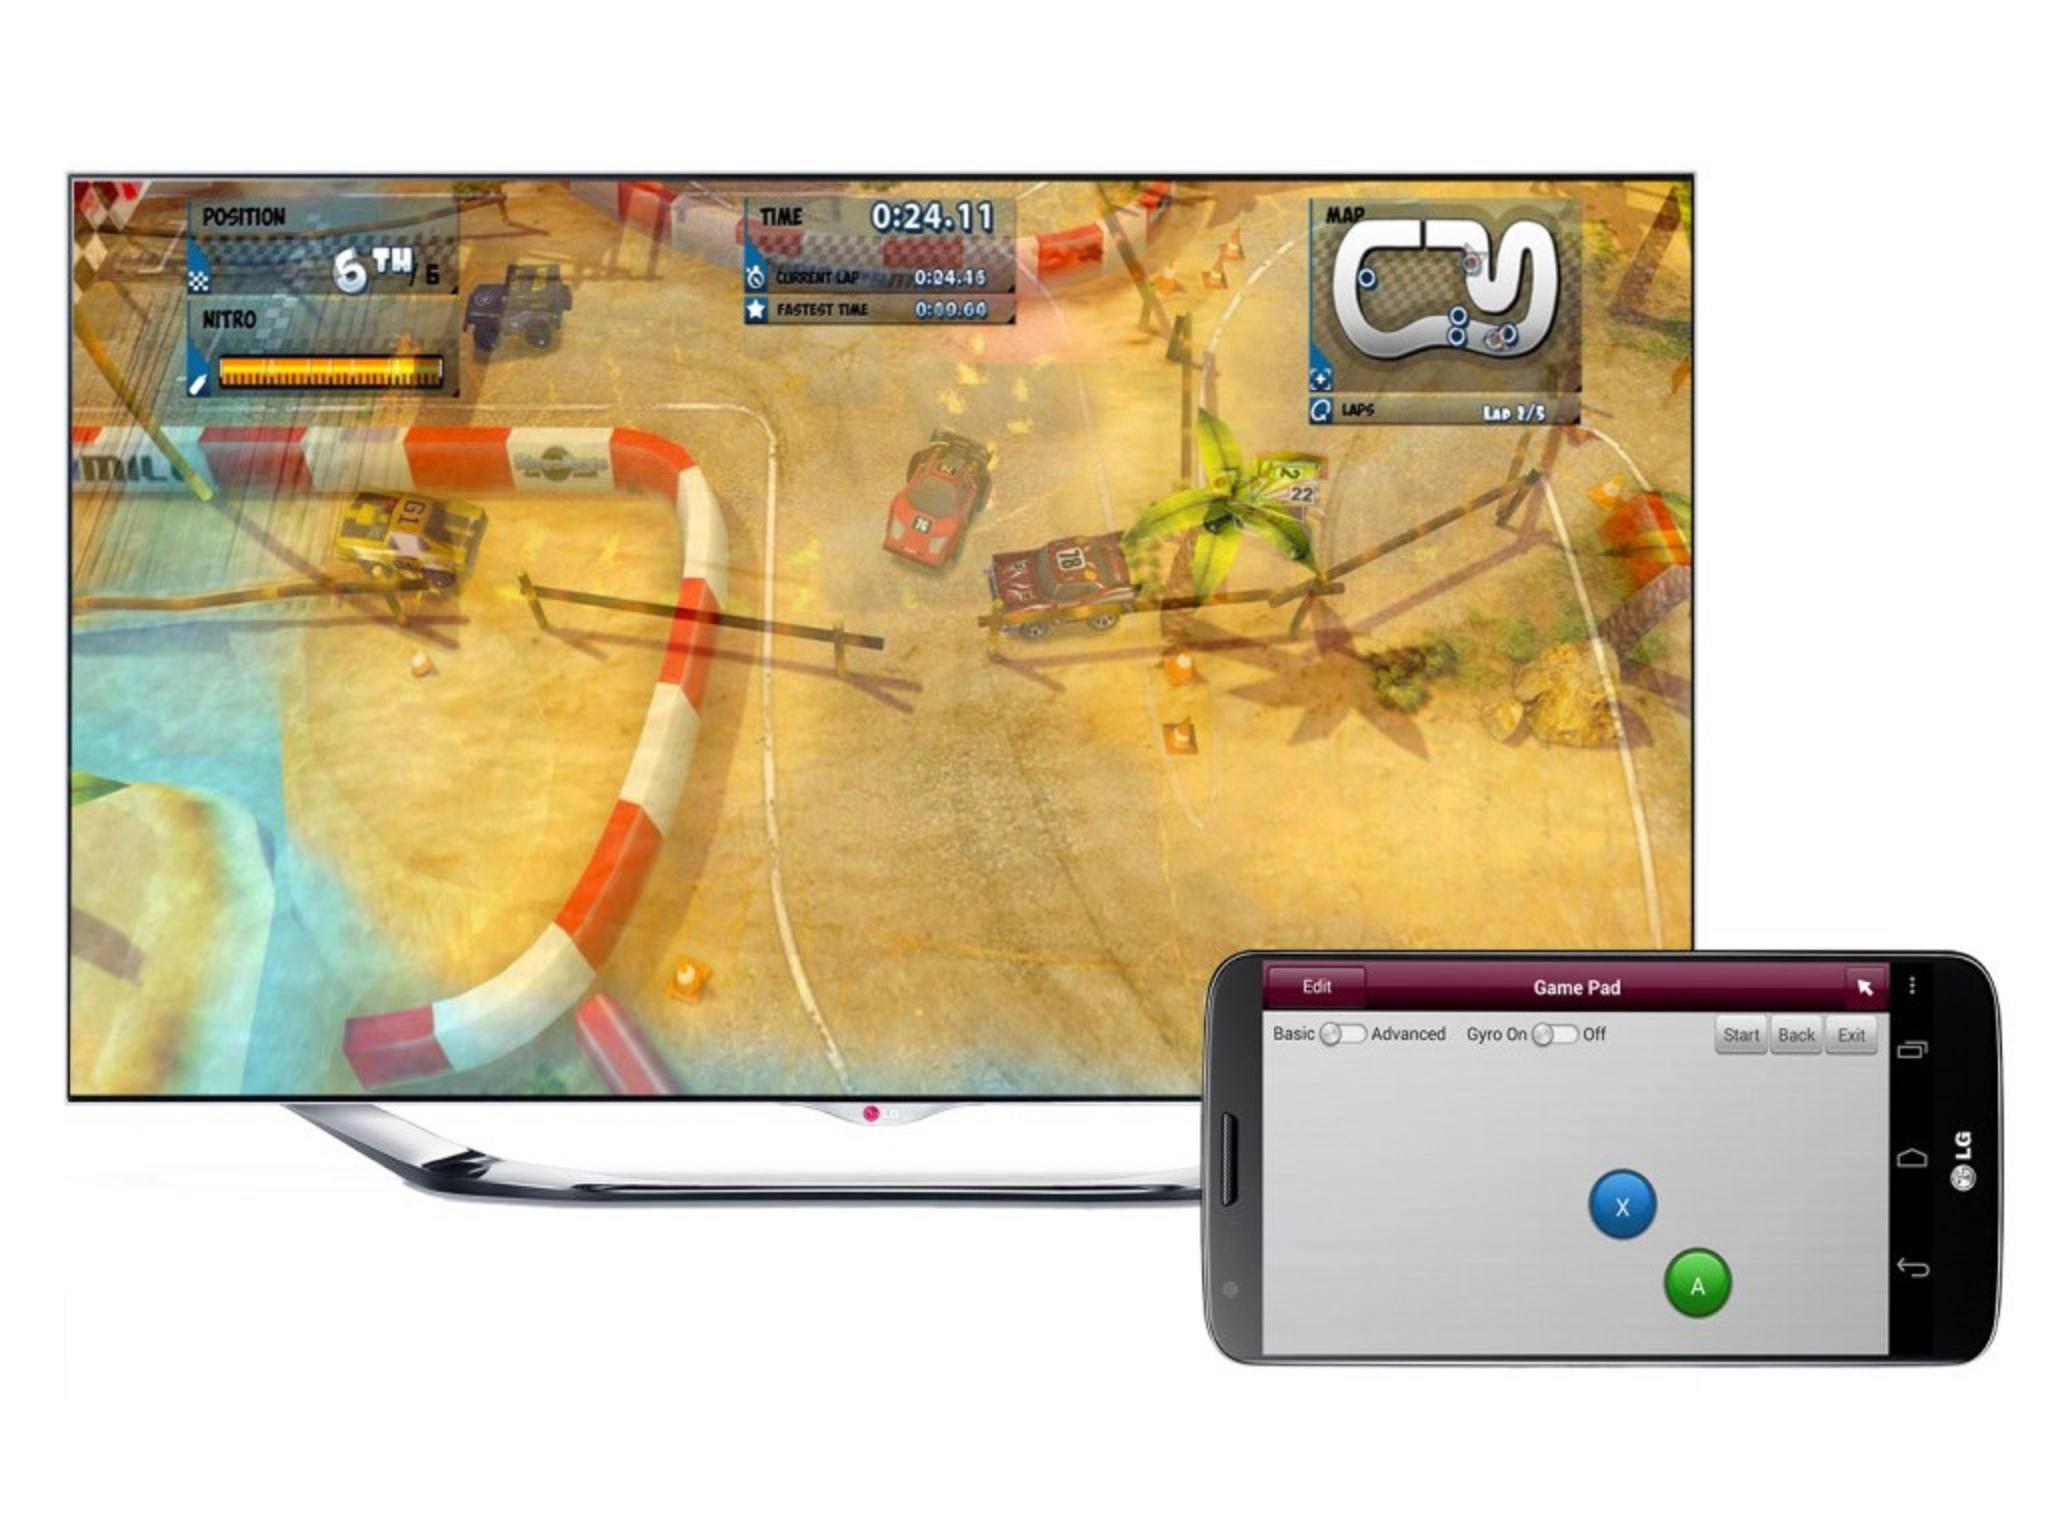 LG bietet zahlreiche Spiele für seine Smart TV-Plattform an.